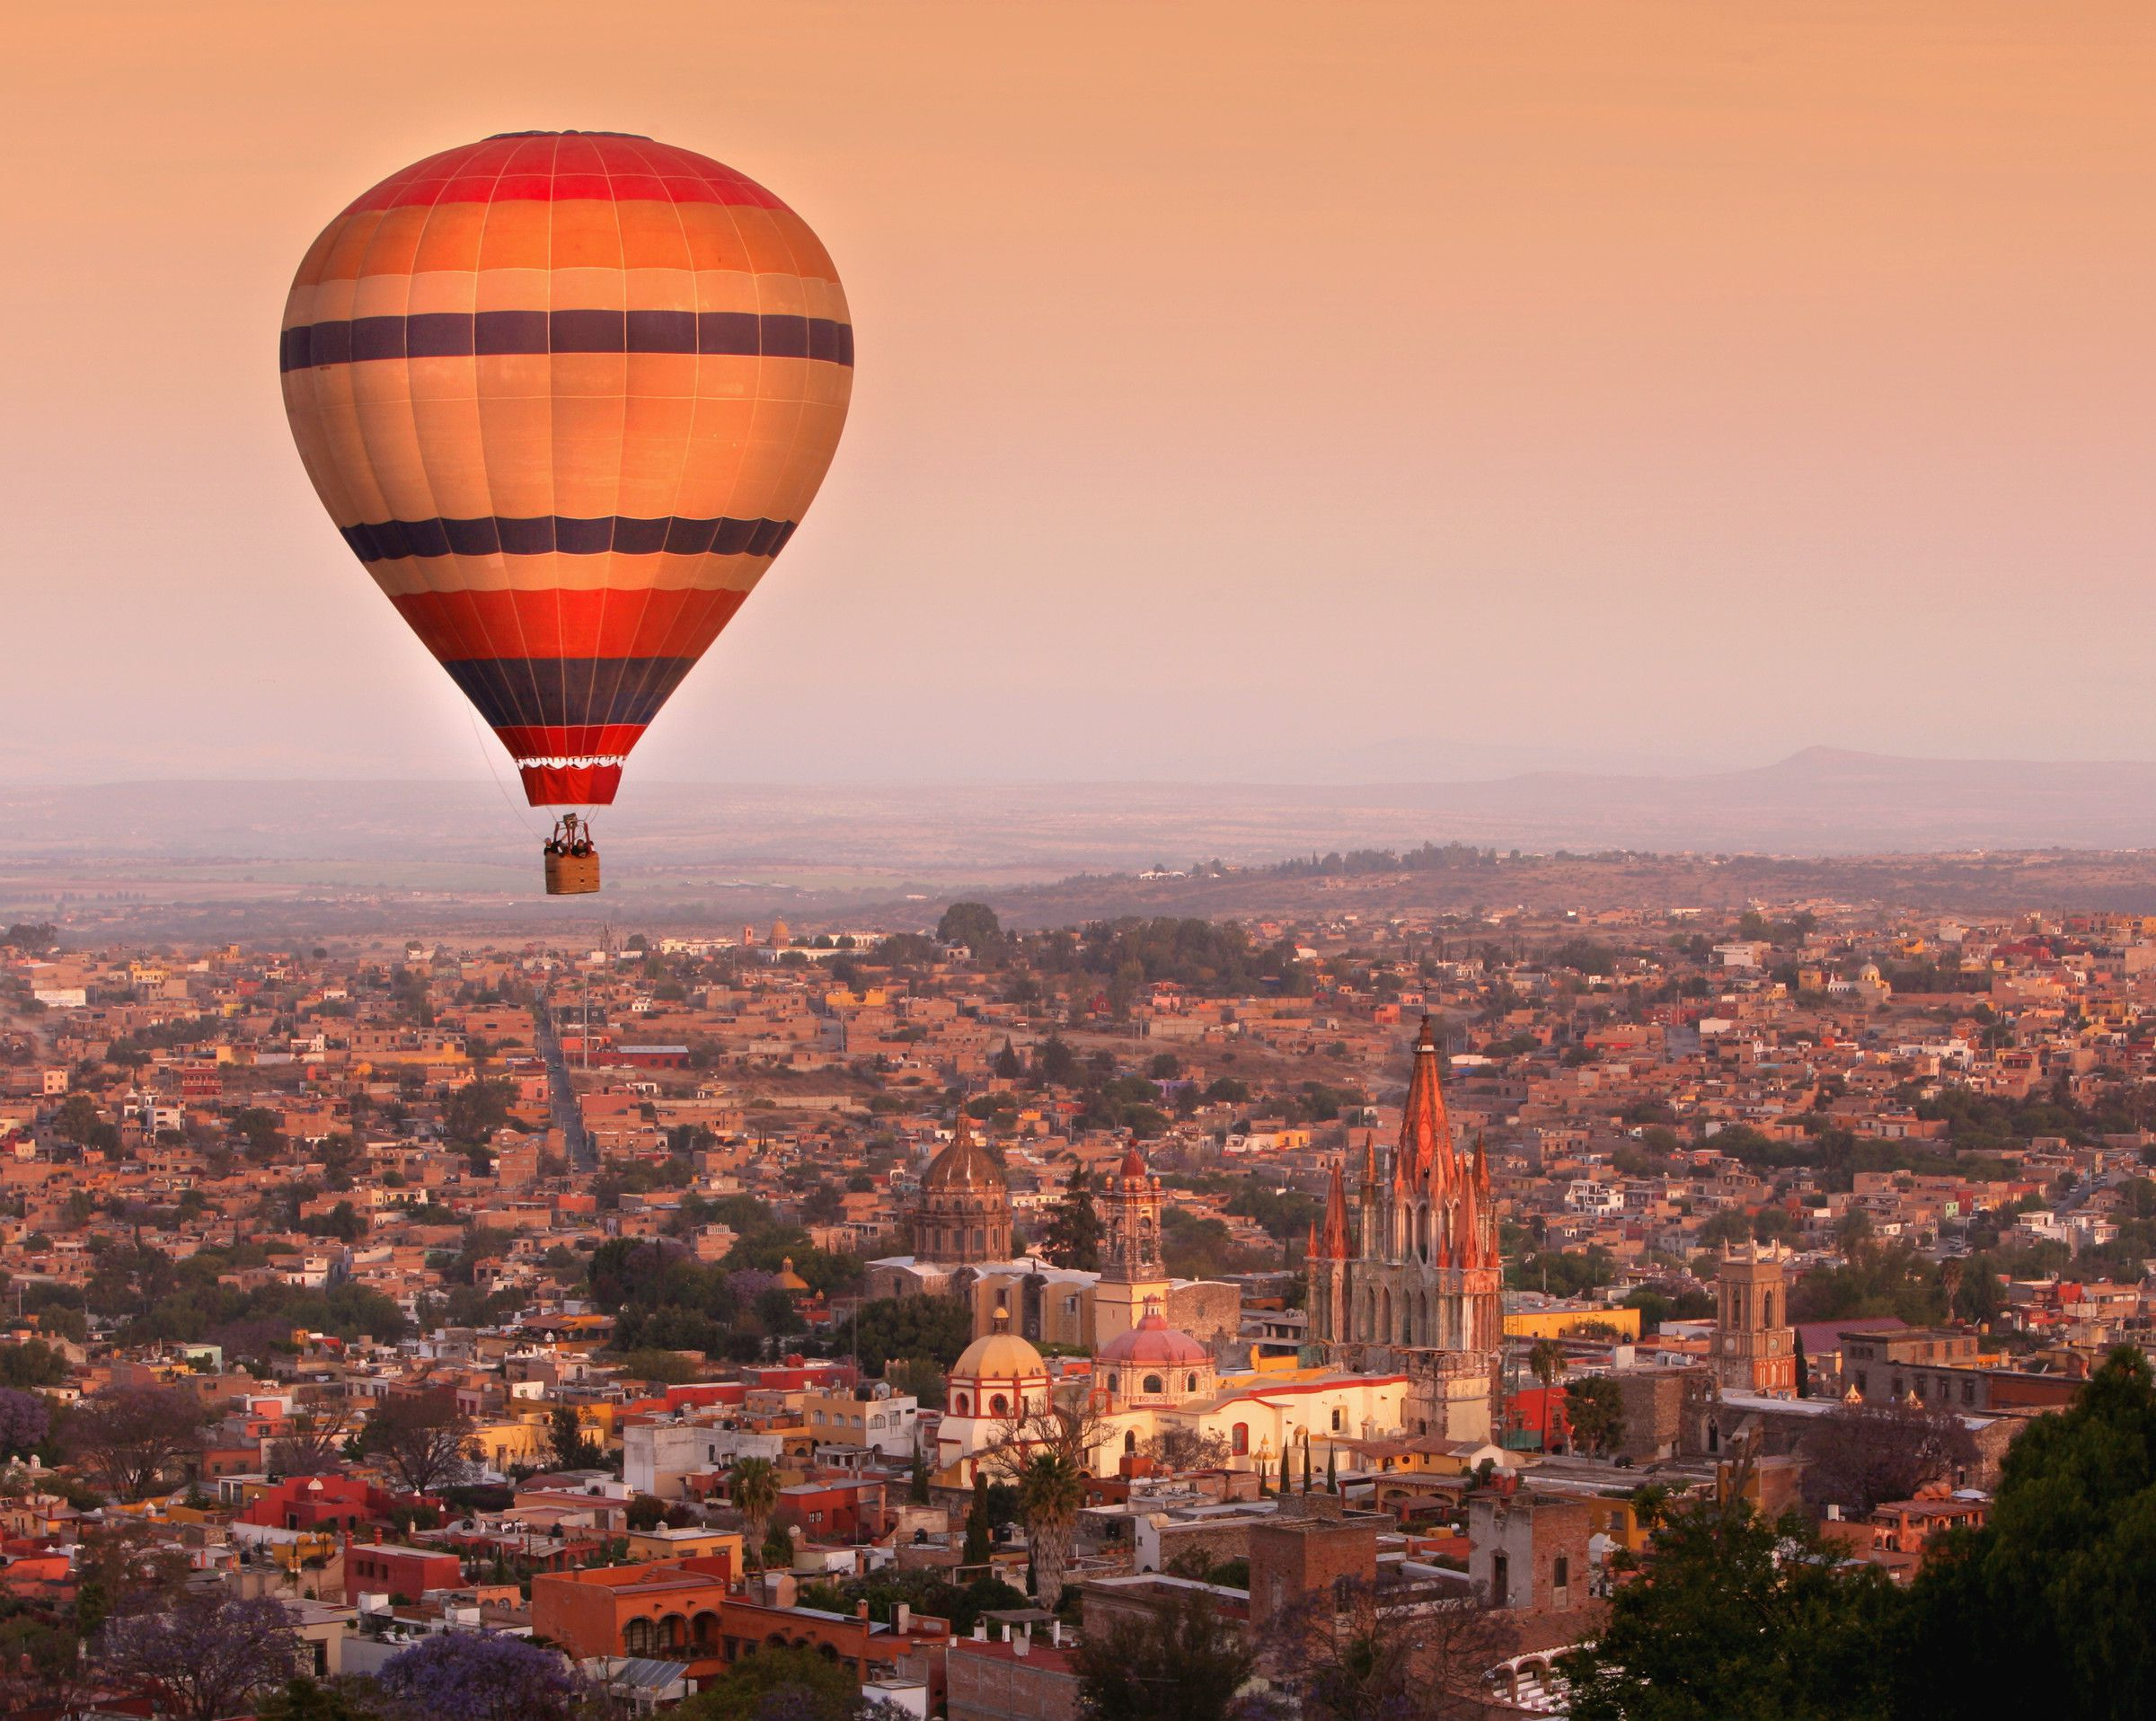 san miguel San miguel, explorando el mundo desde 1890 y lo mejor está por llegar.